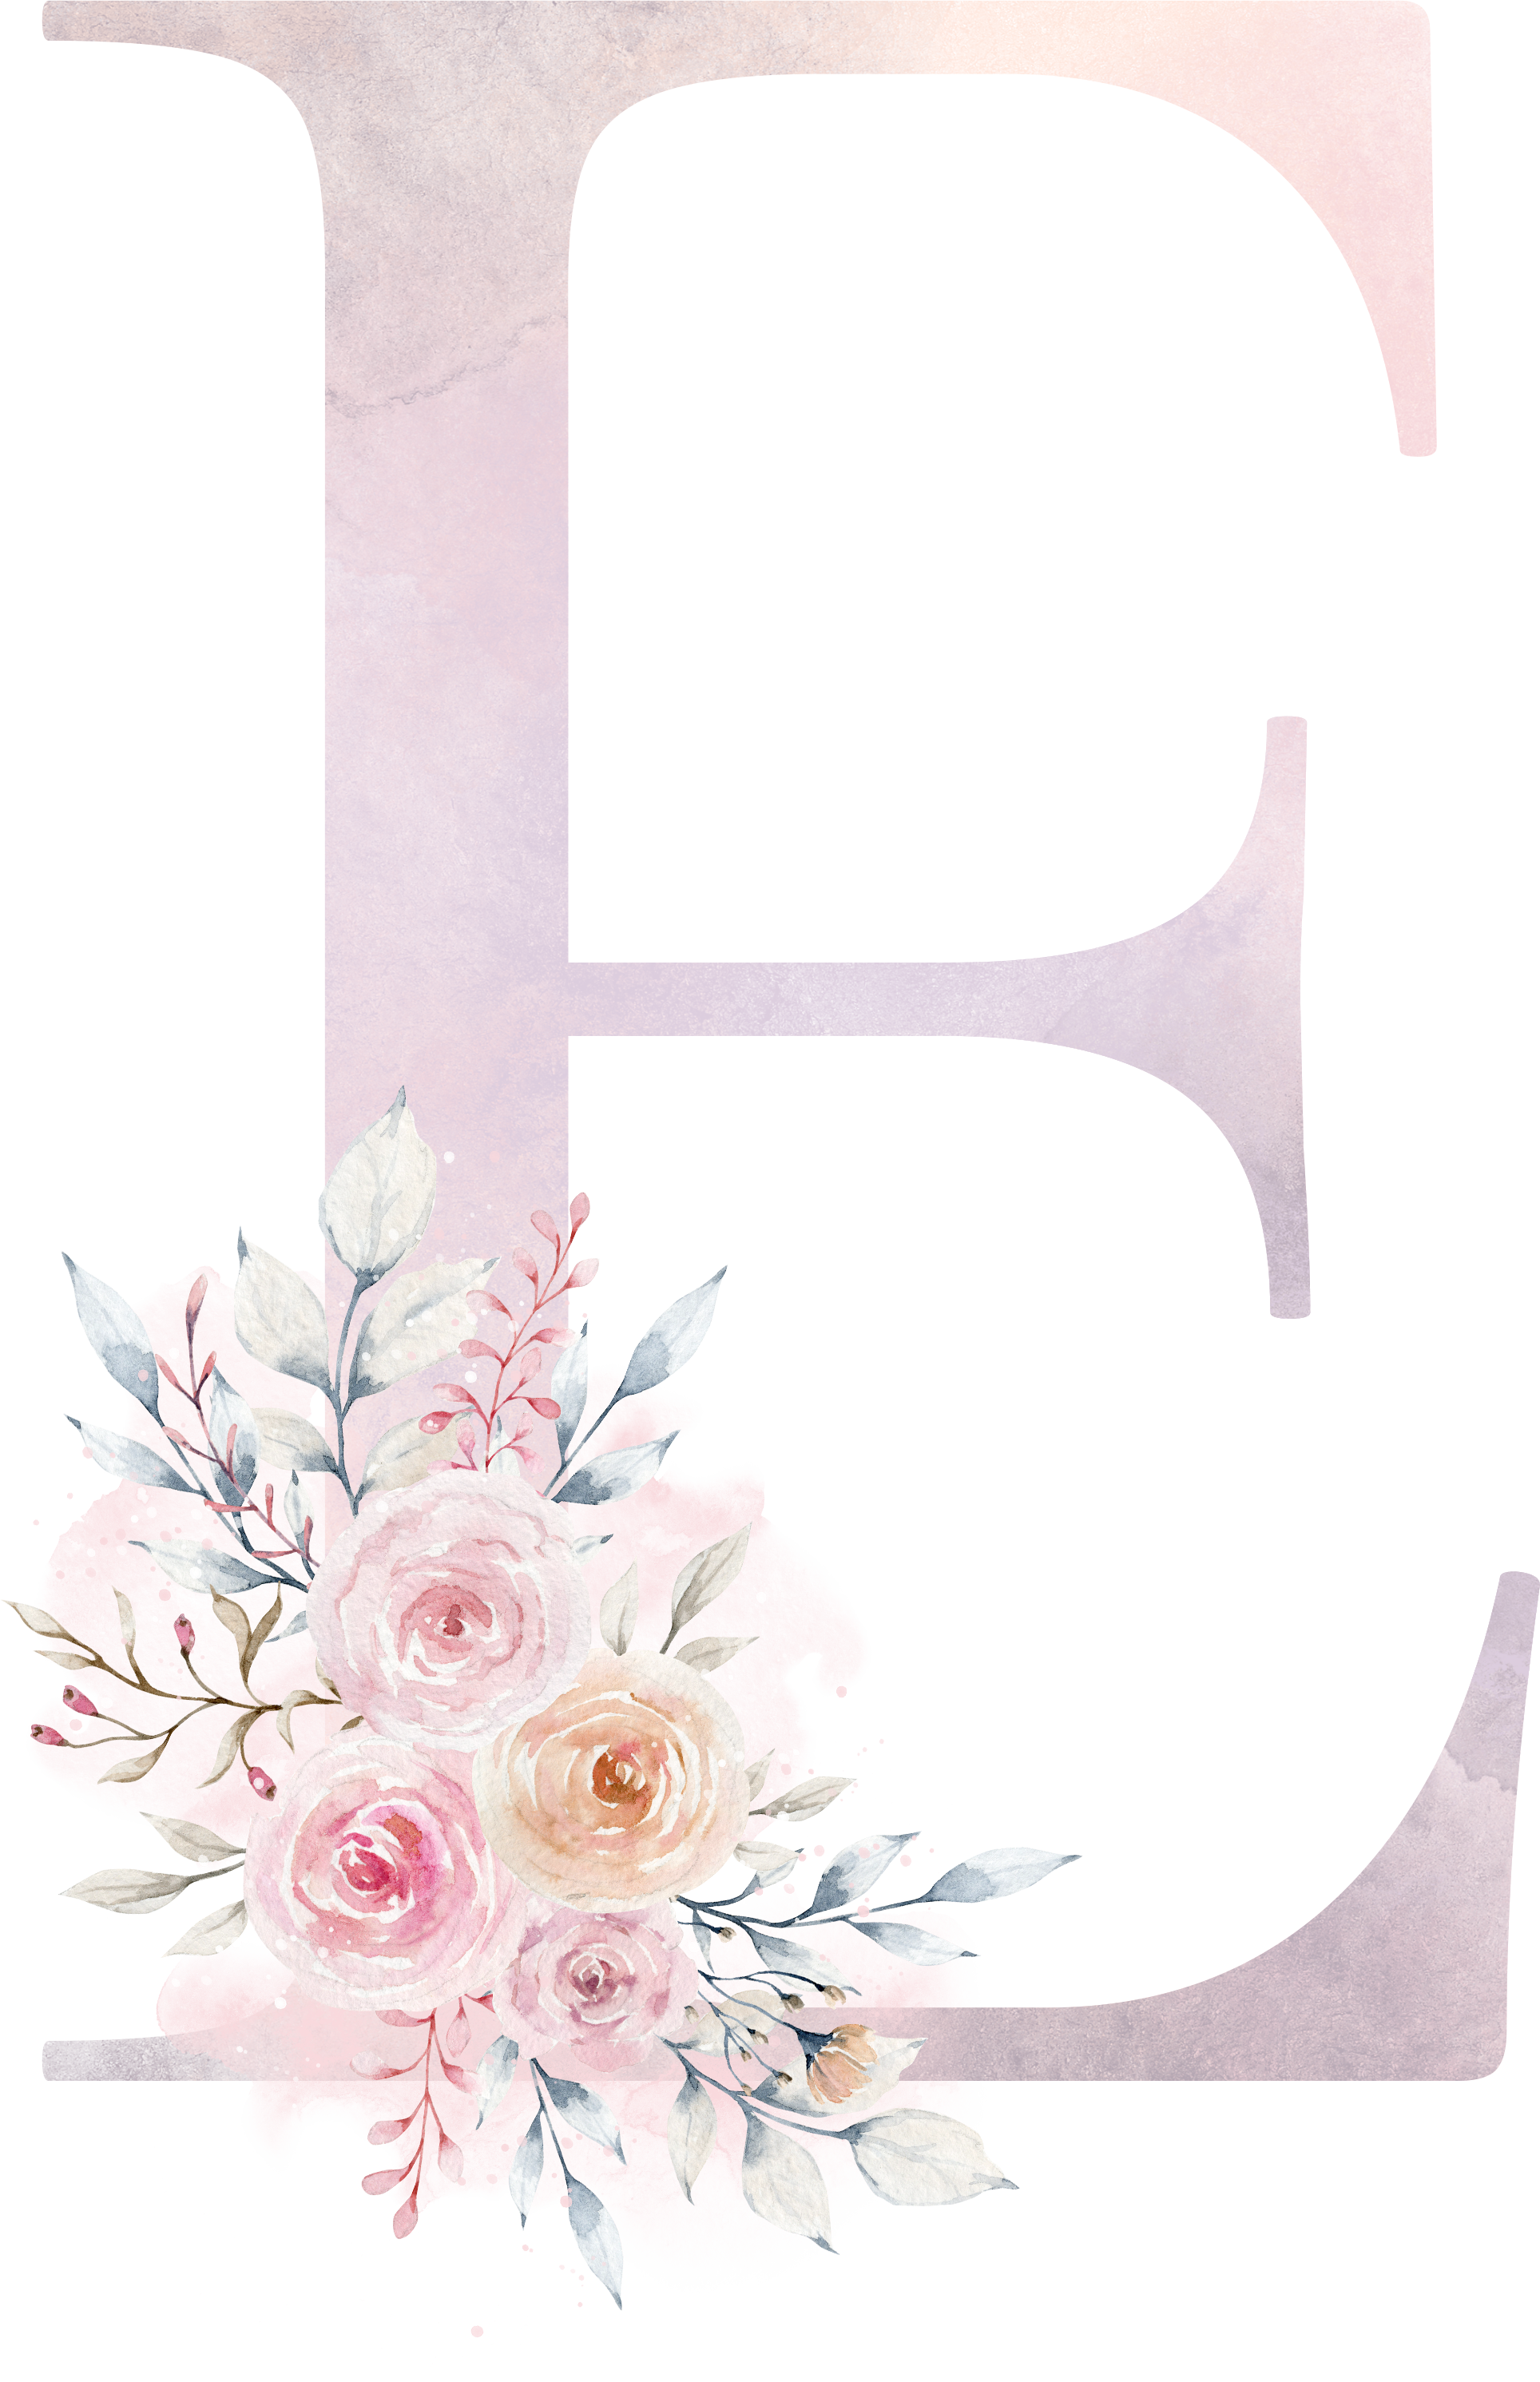 Pin De Pam Harbuck Em Watercolour Lettering Letras Com Flores Arte Bebe Belas Imagens